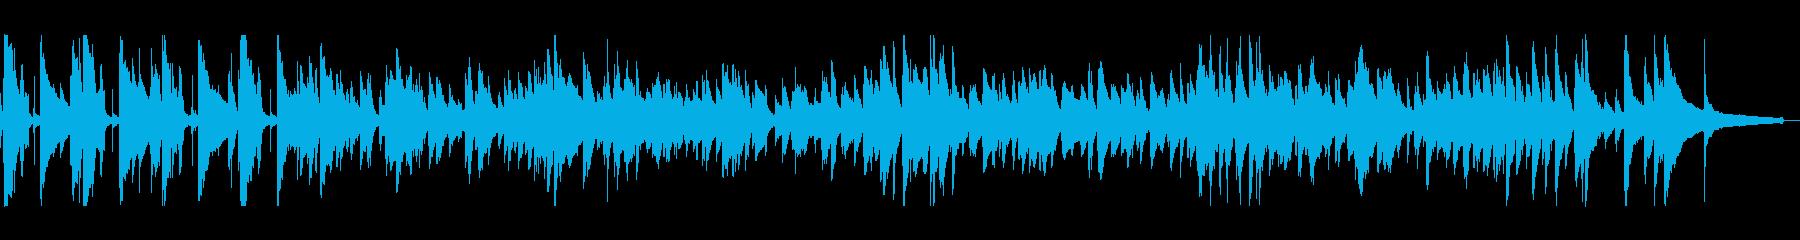 レースゲームや乗り物のBGMに最適の再生済みの波形